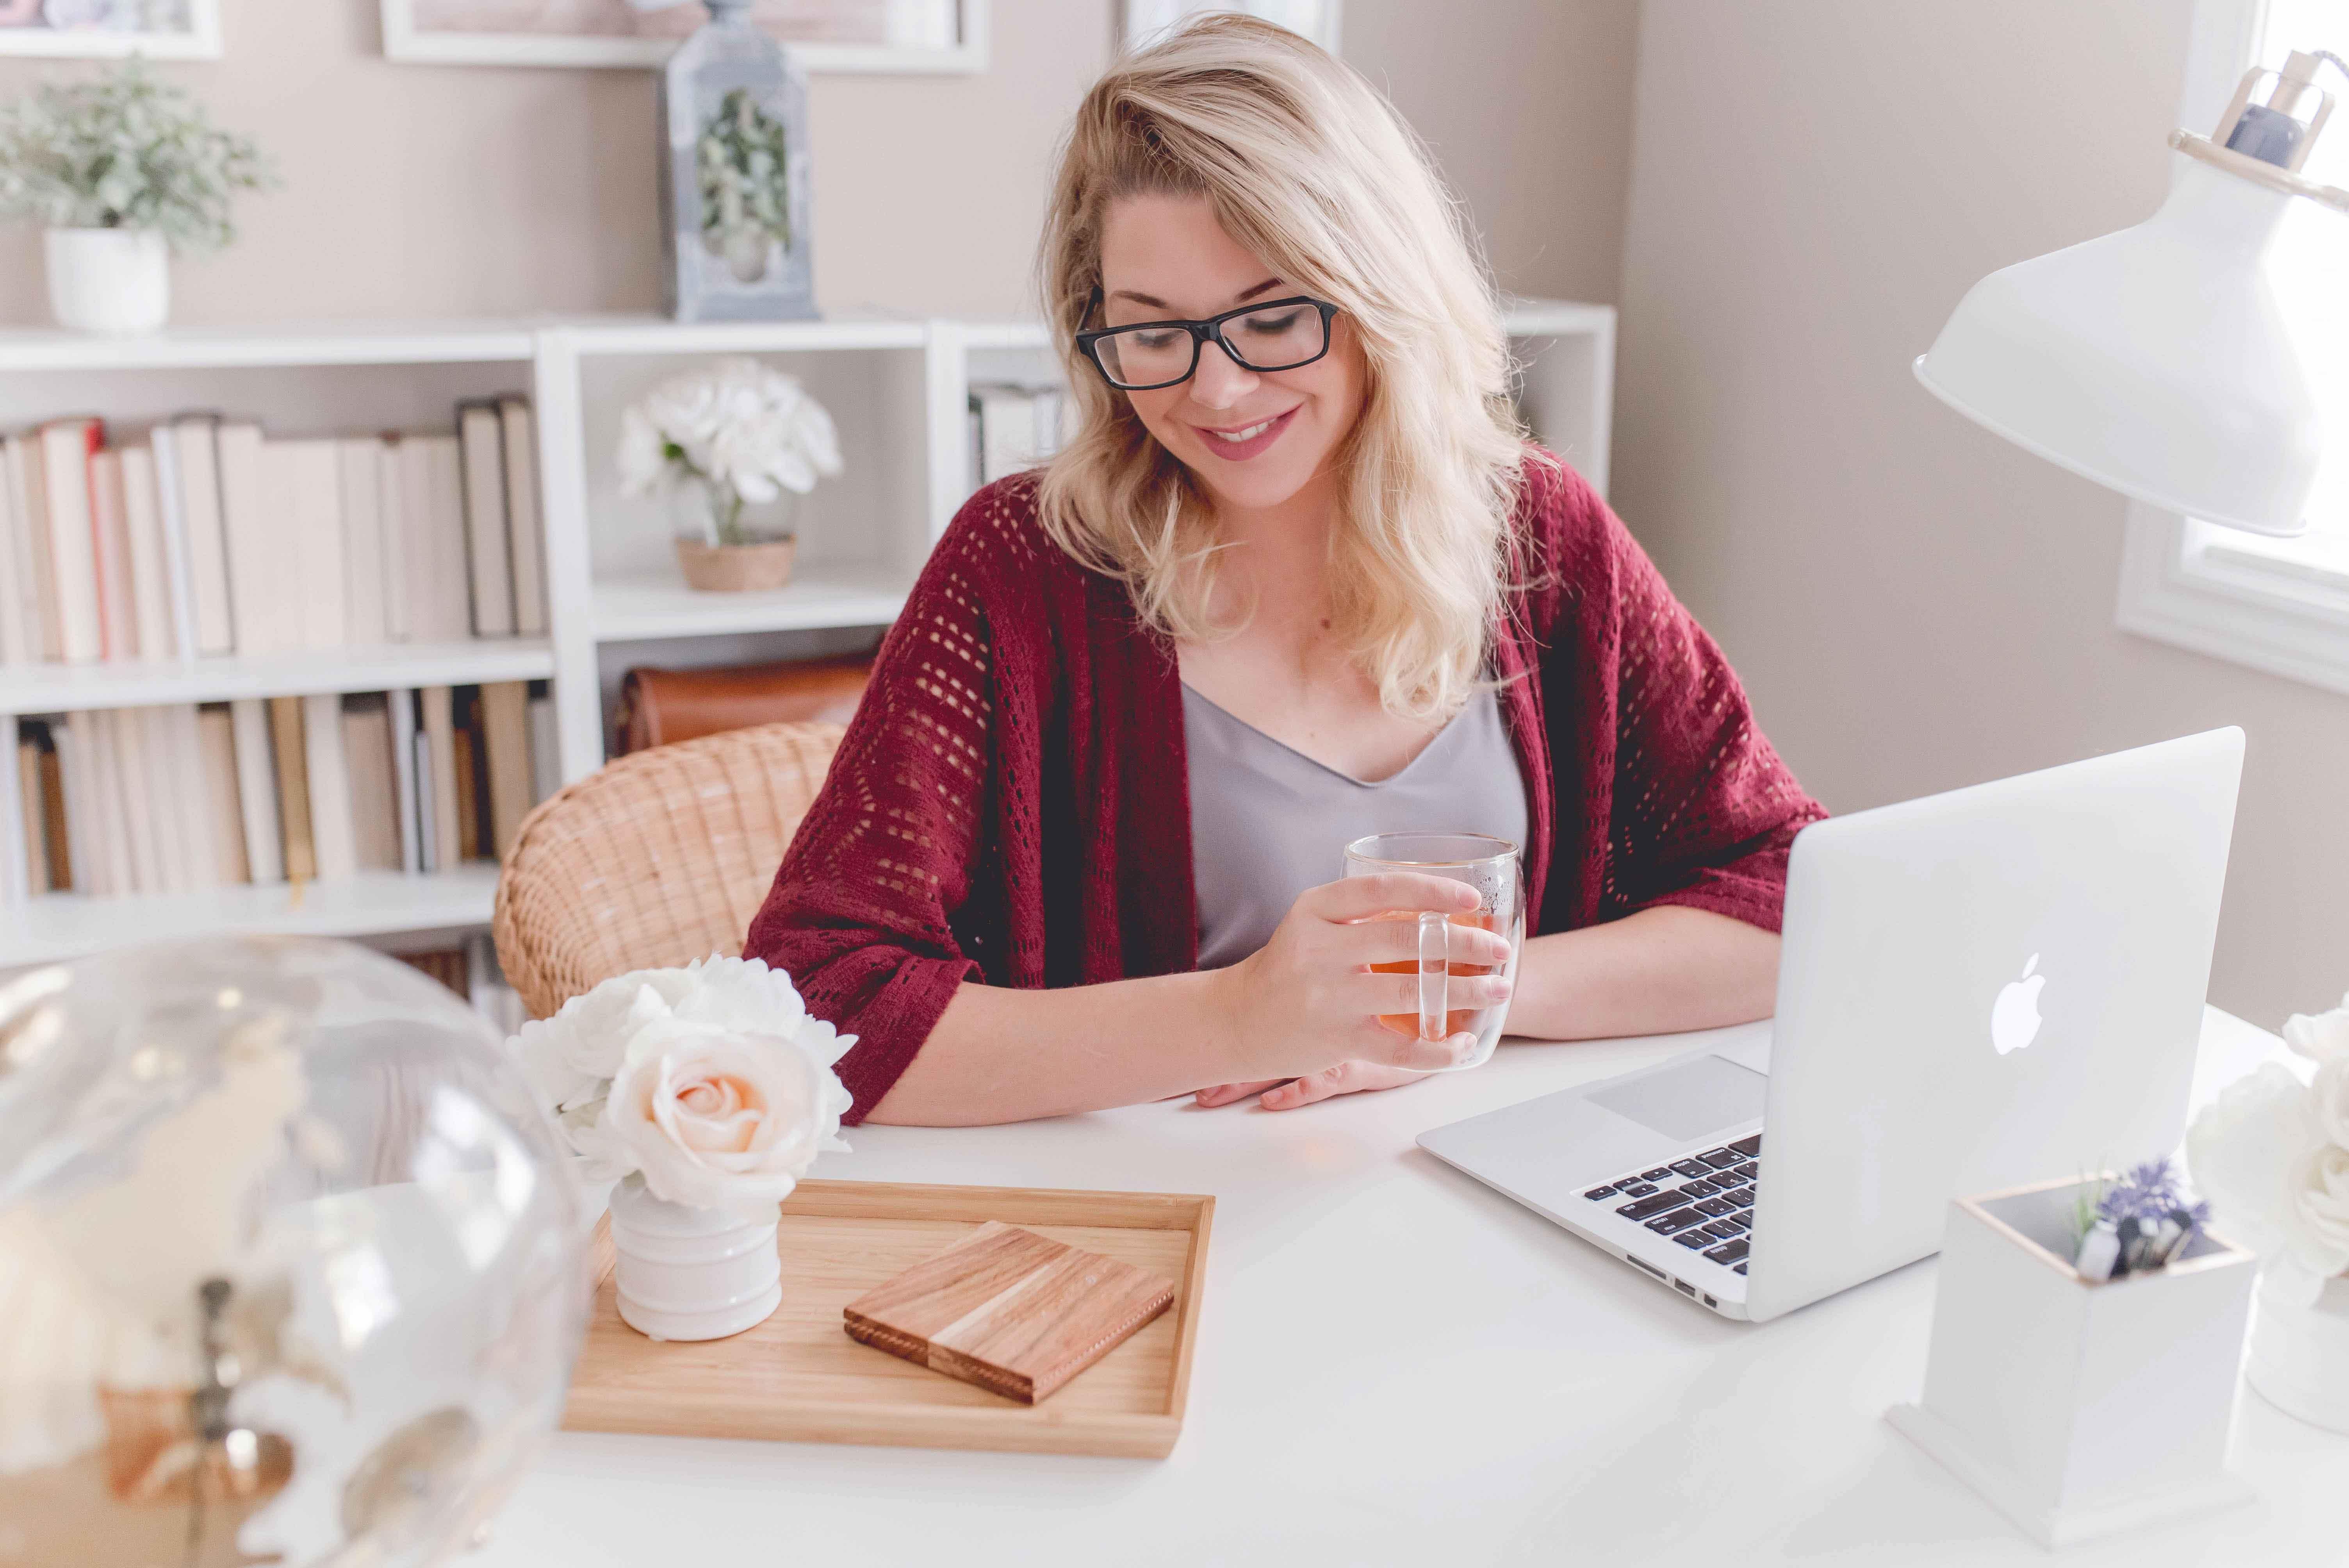 Women at desk working online